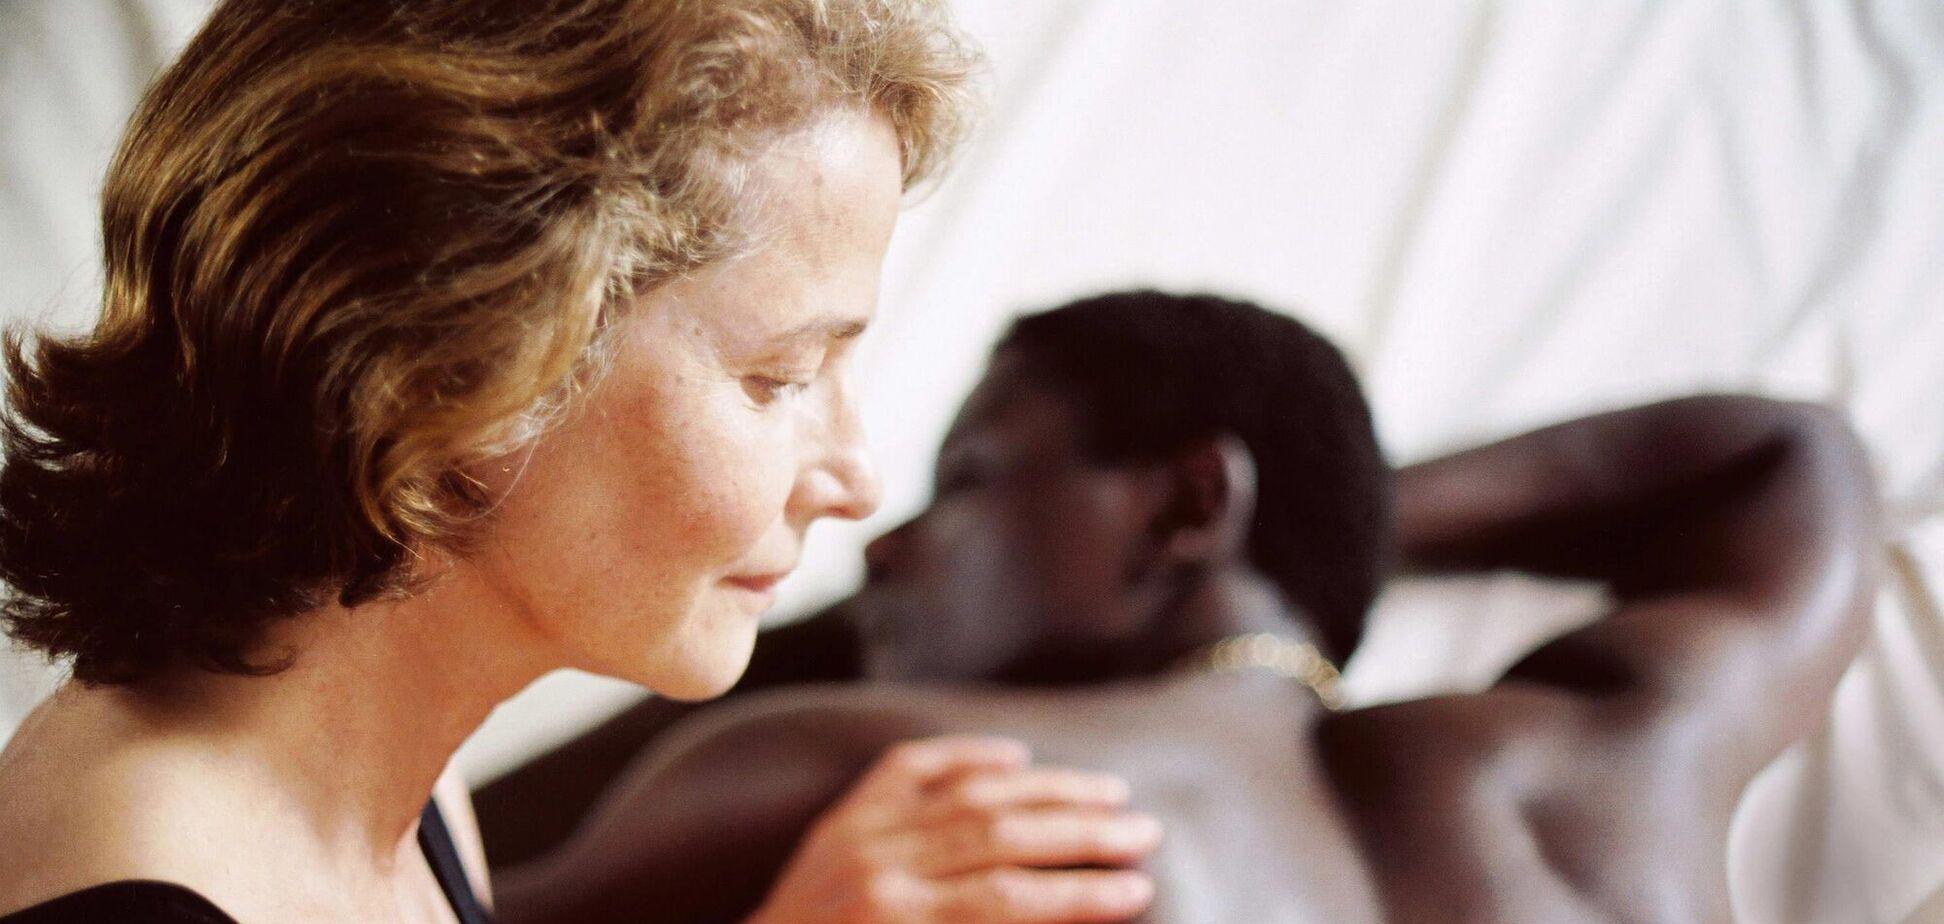 Жінка розповіла про досвід секс-туризму в Африці